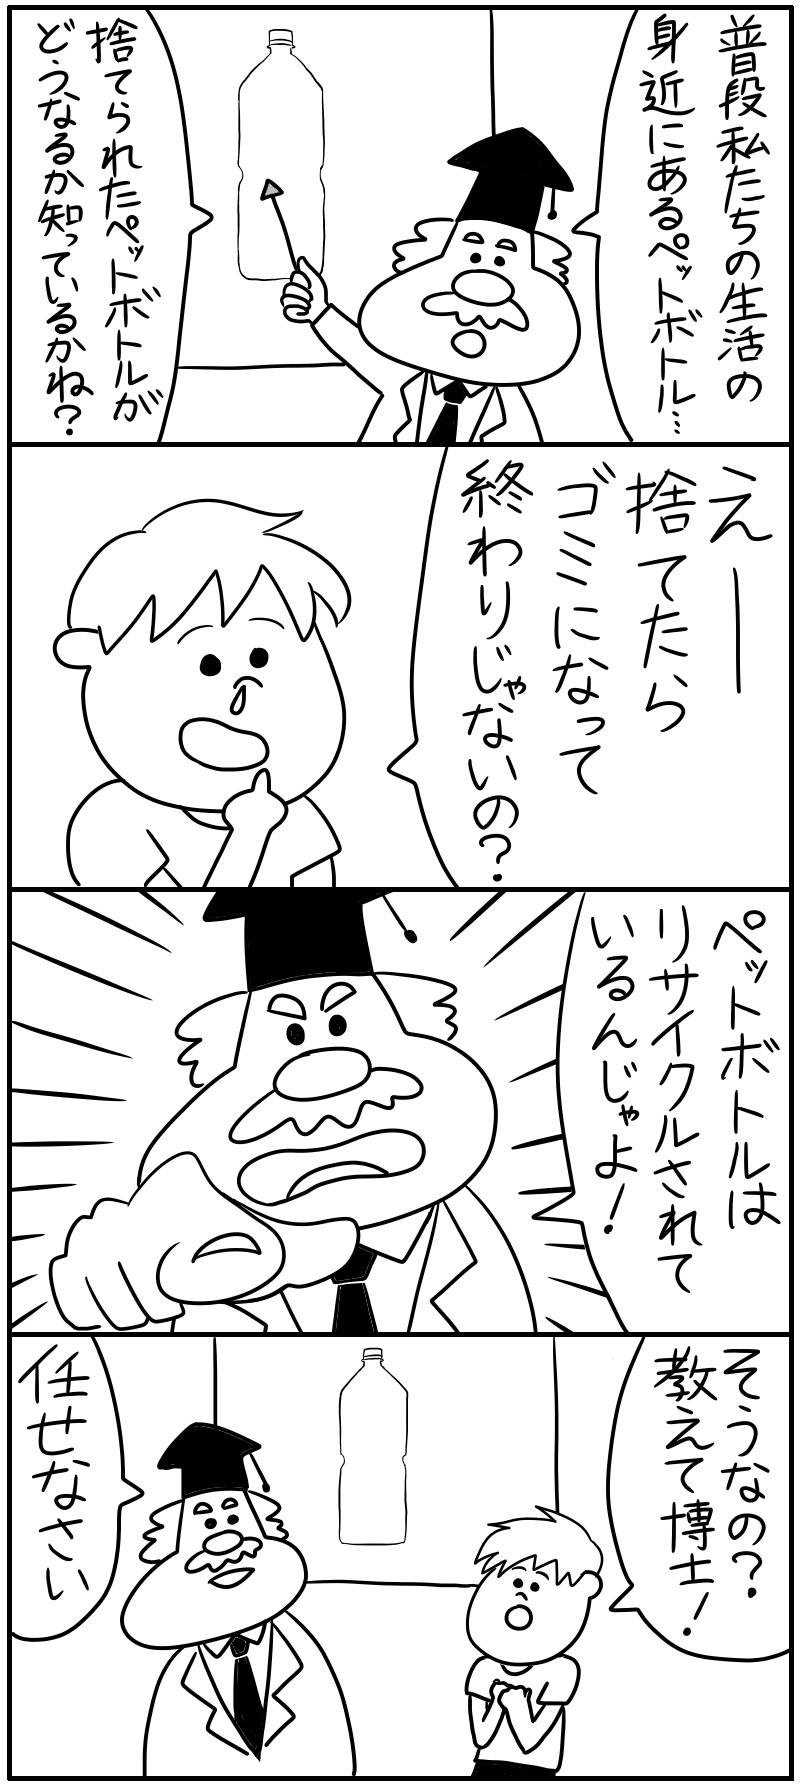 ペットボトルリサイクルの漫画を描きました_f0346353_03175201.png